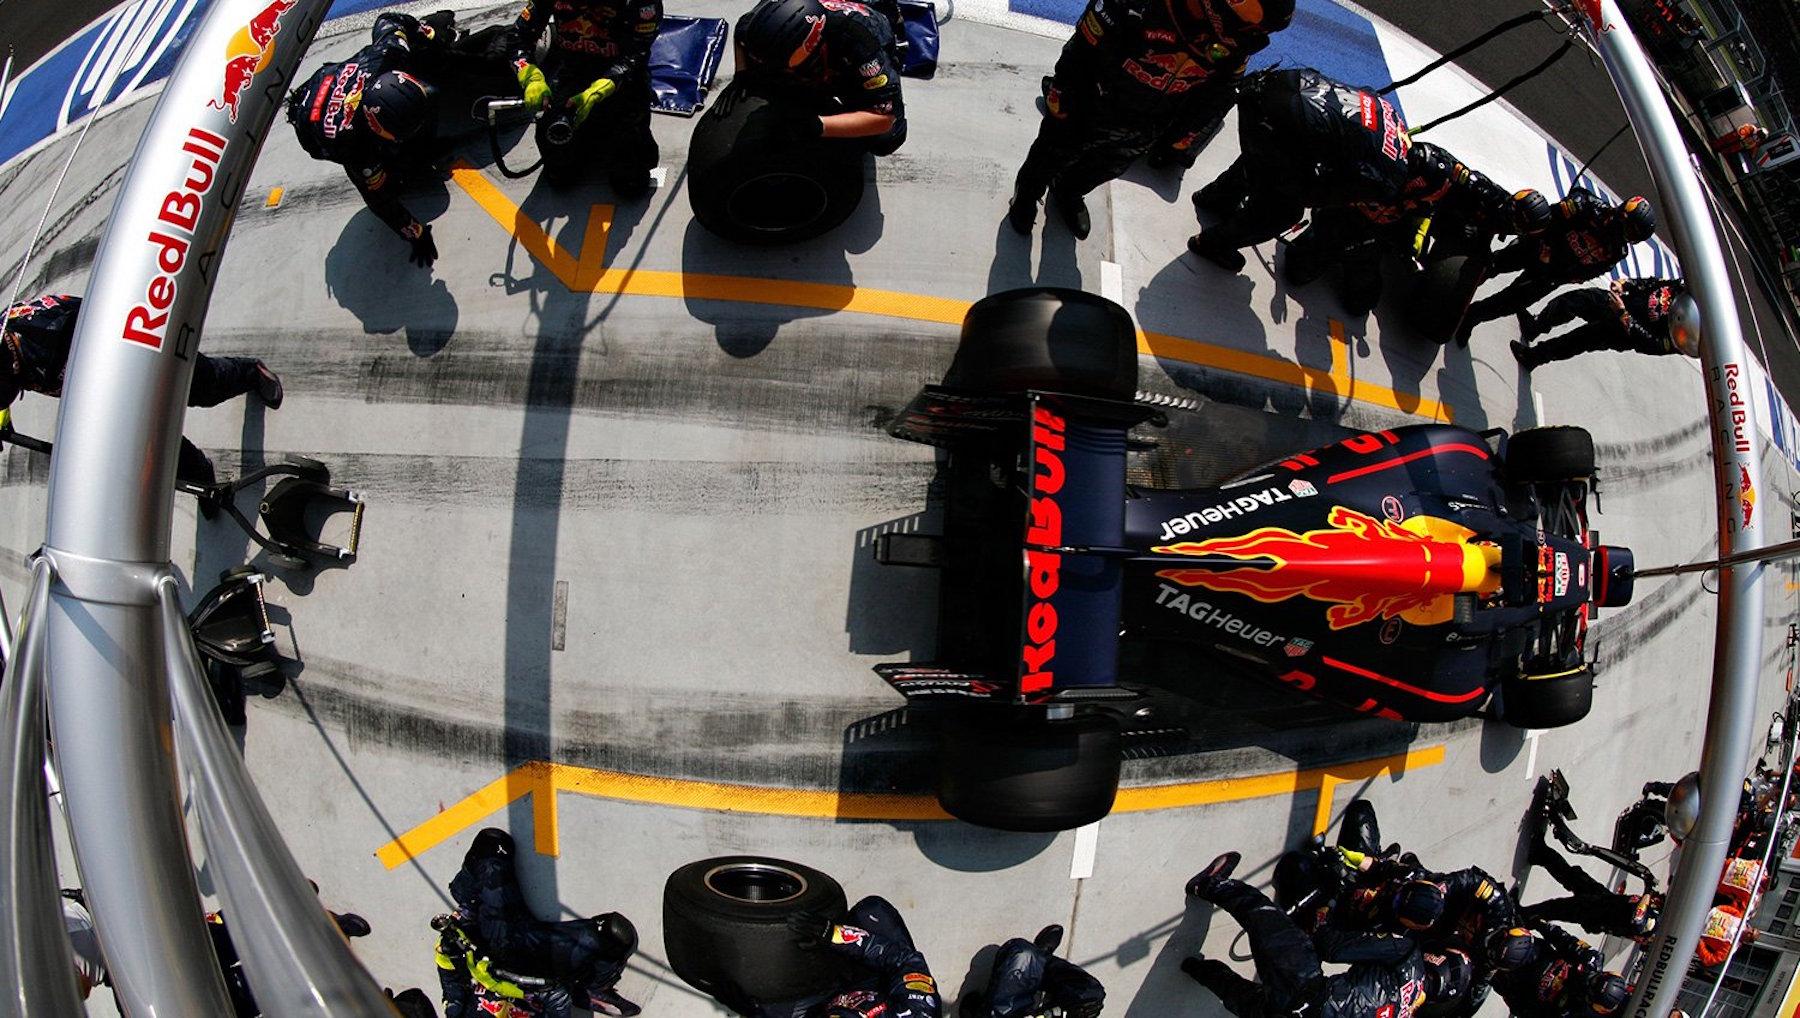 Salracing - Red Bull Racing